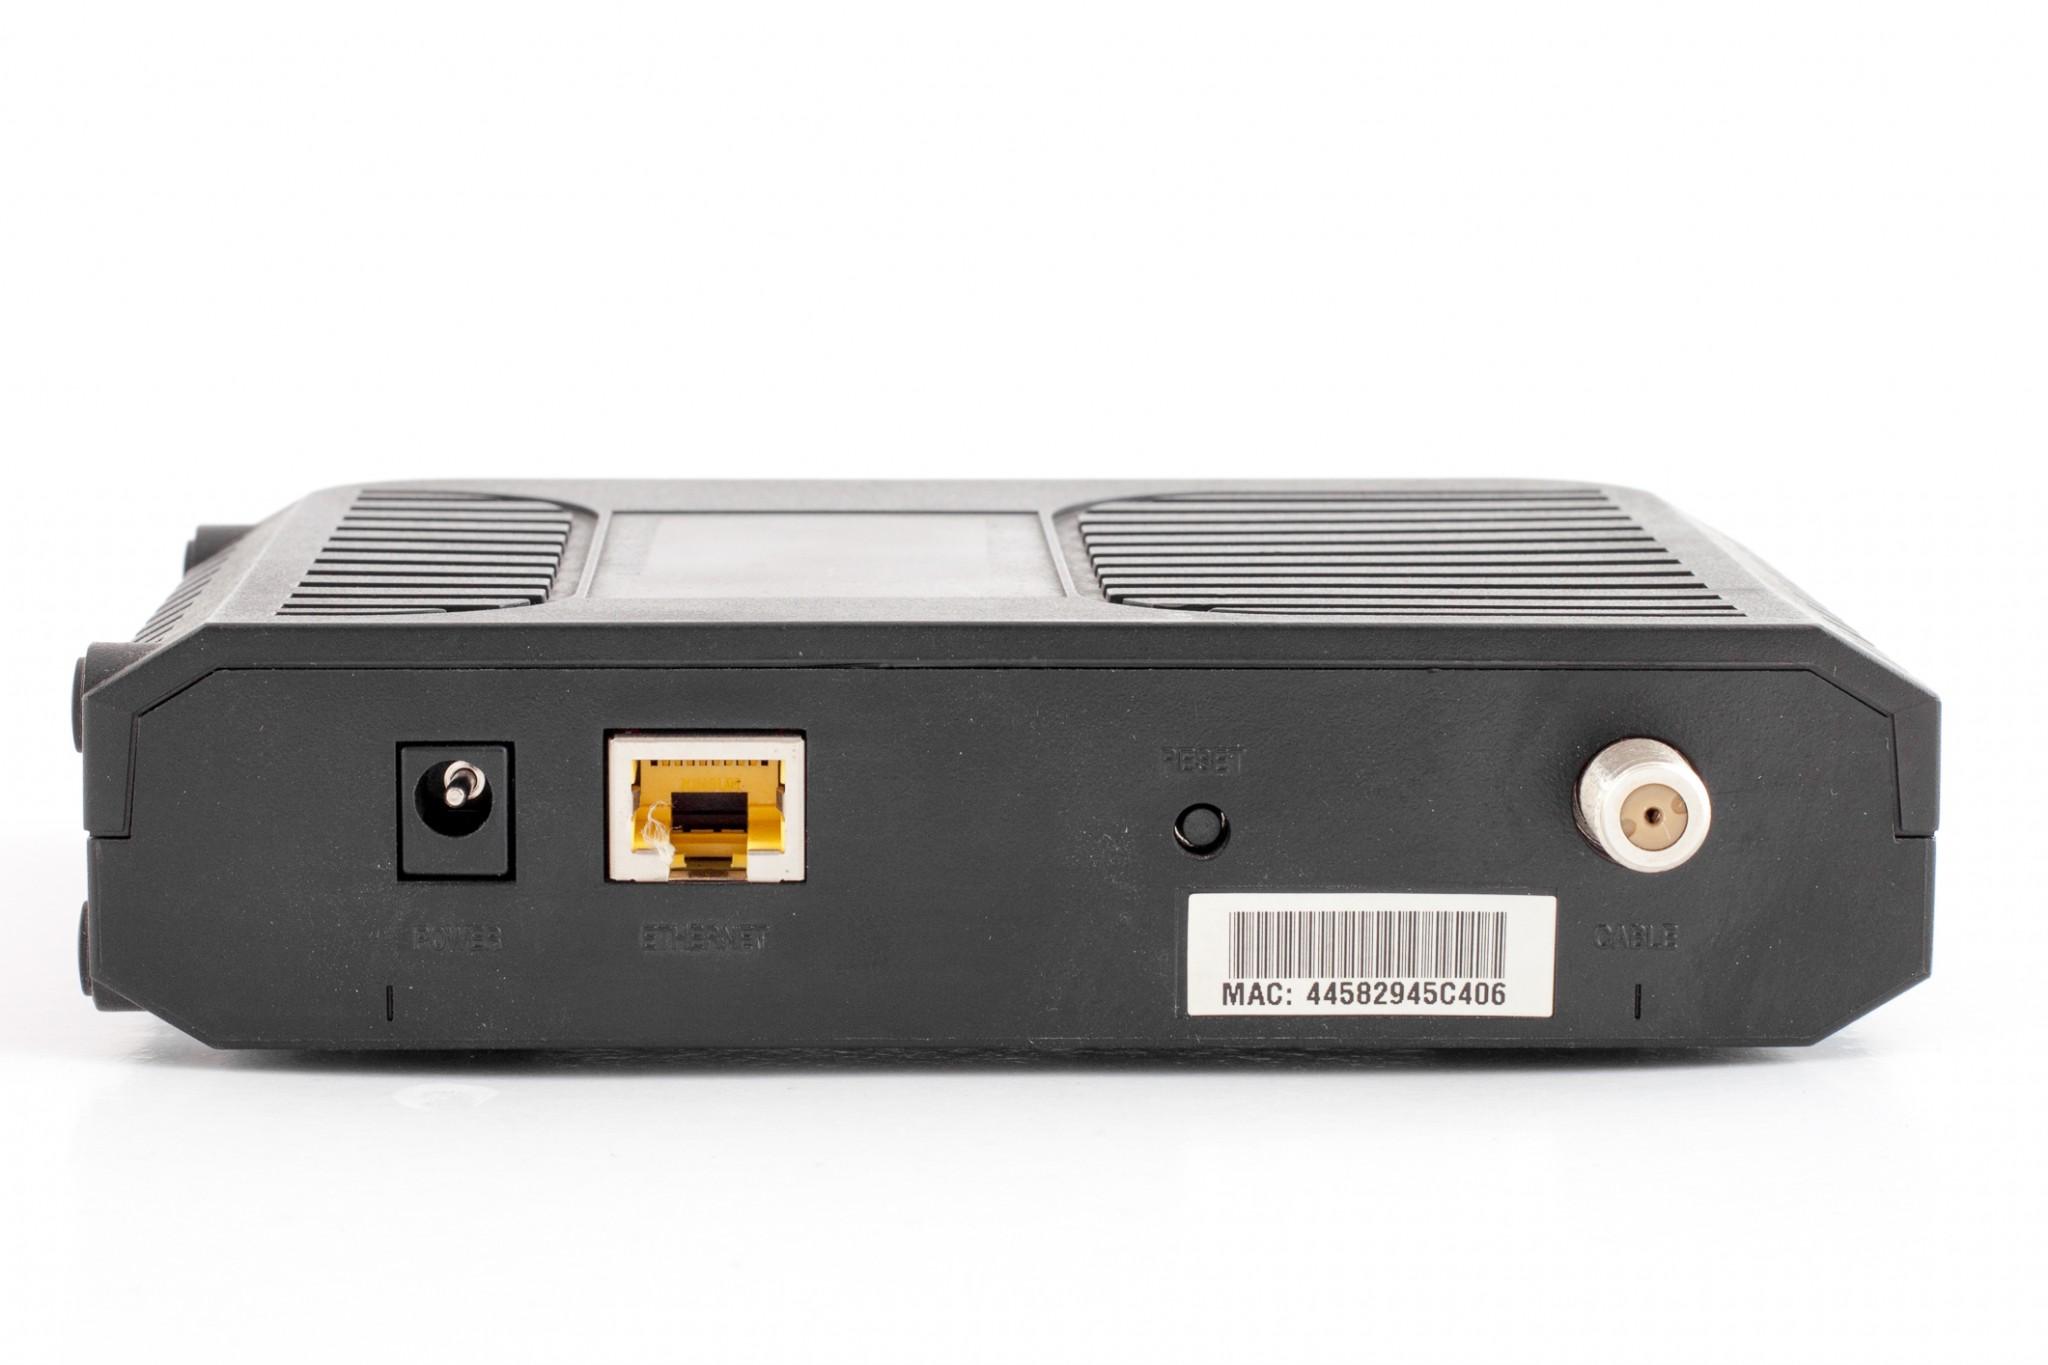 Cisco DPC3010 Cable Modem